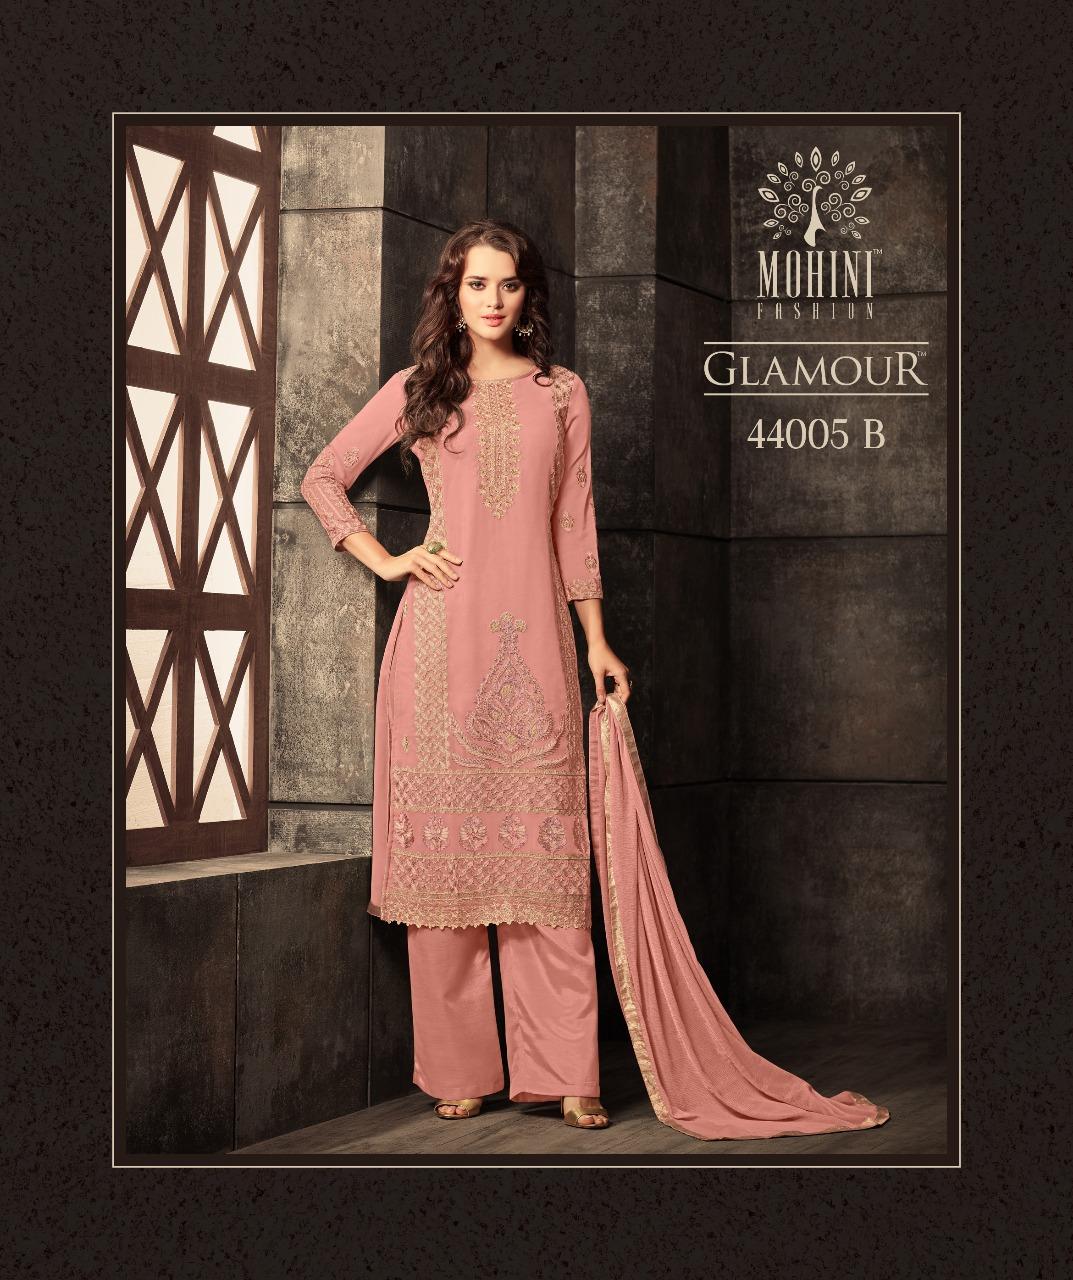 Mohini Fashion Glamour 44005B